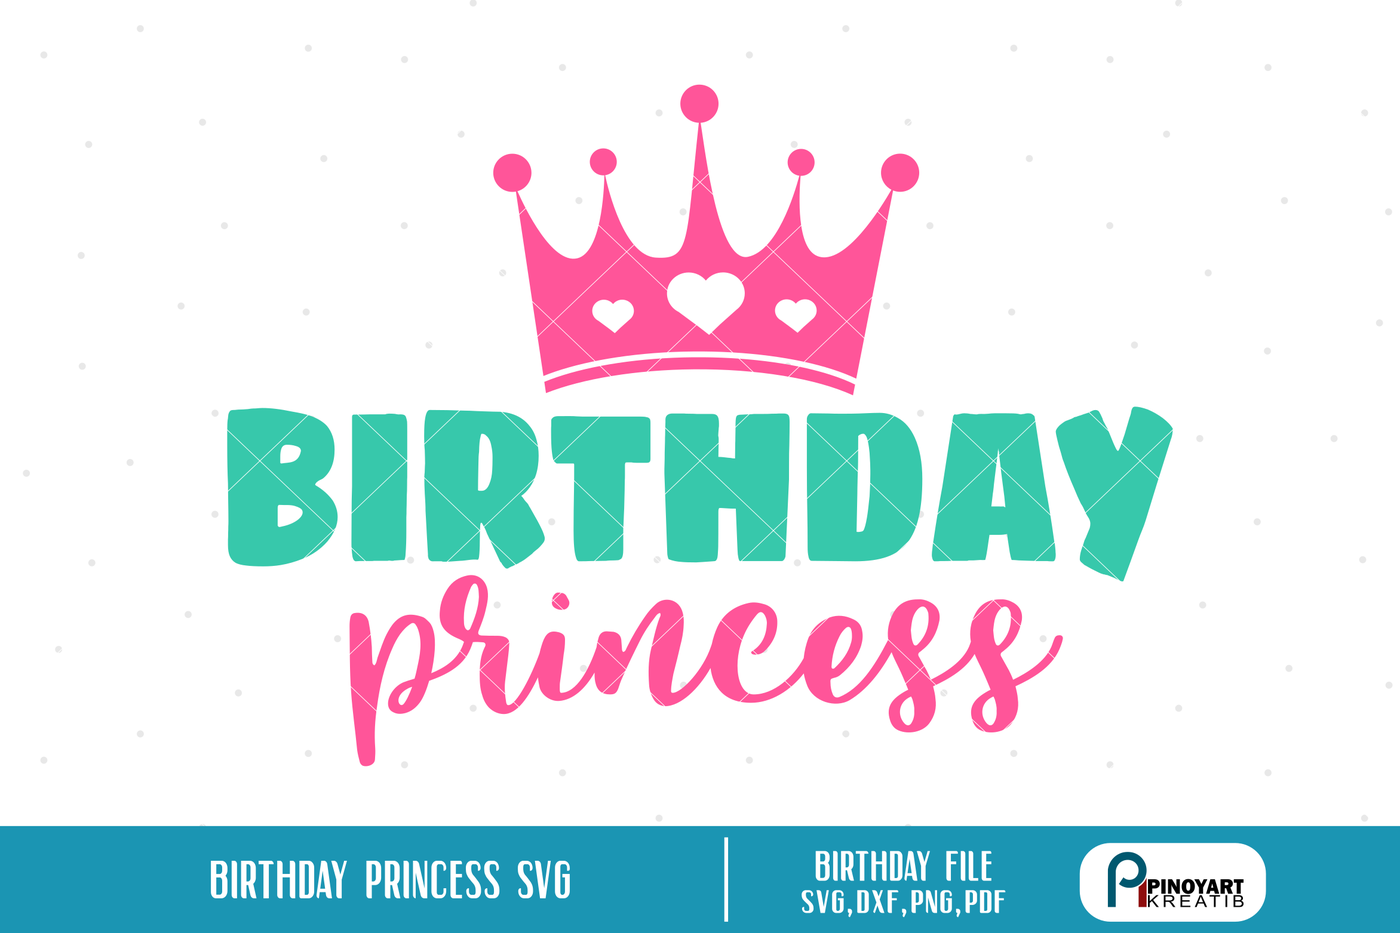 Birthday Princess Svg Birthday Svg Princess Svg Princess Svg File